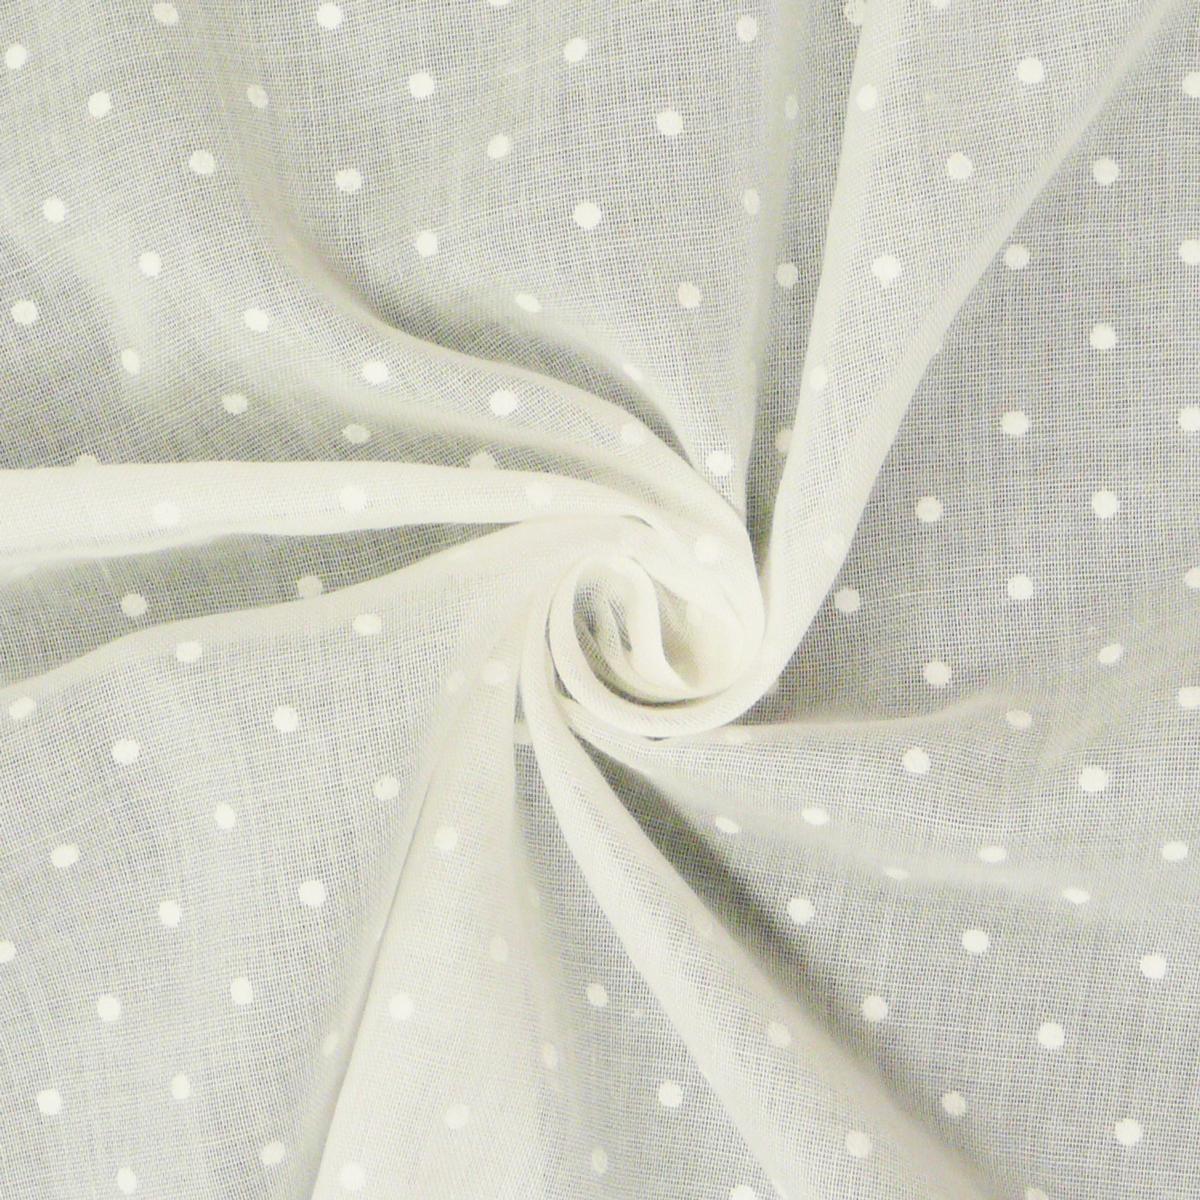 Gardinenstoff Stores Leinenstruktur weiß mit Punkten weiß 2,80m